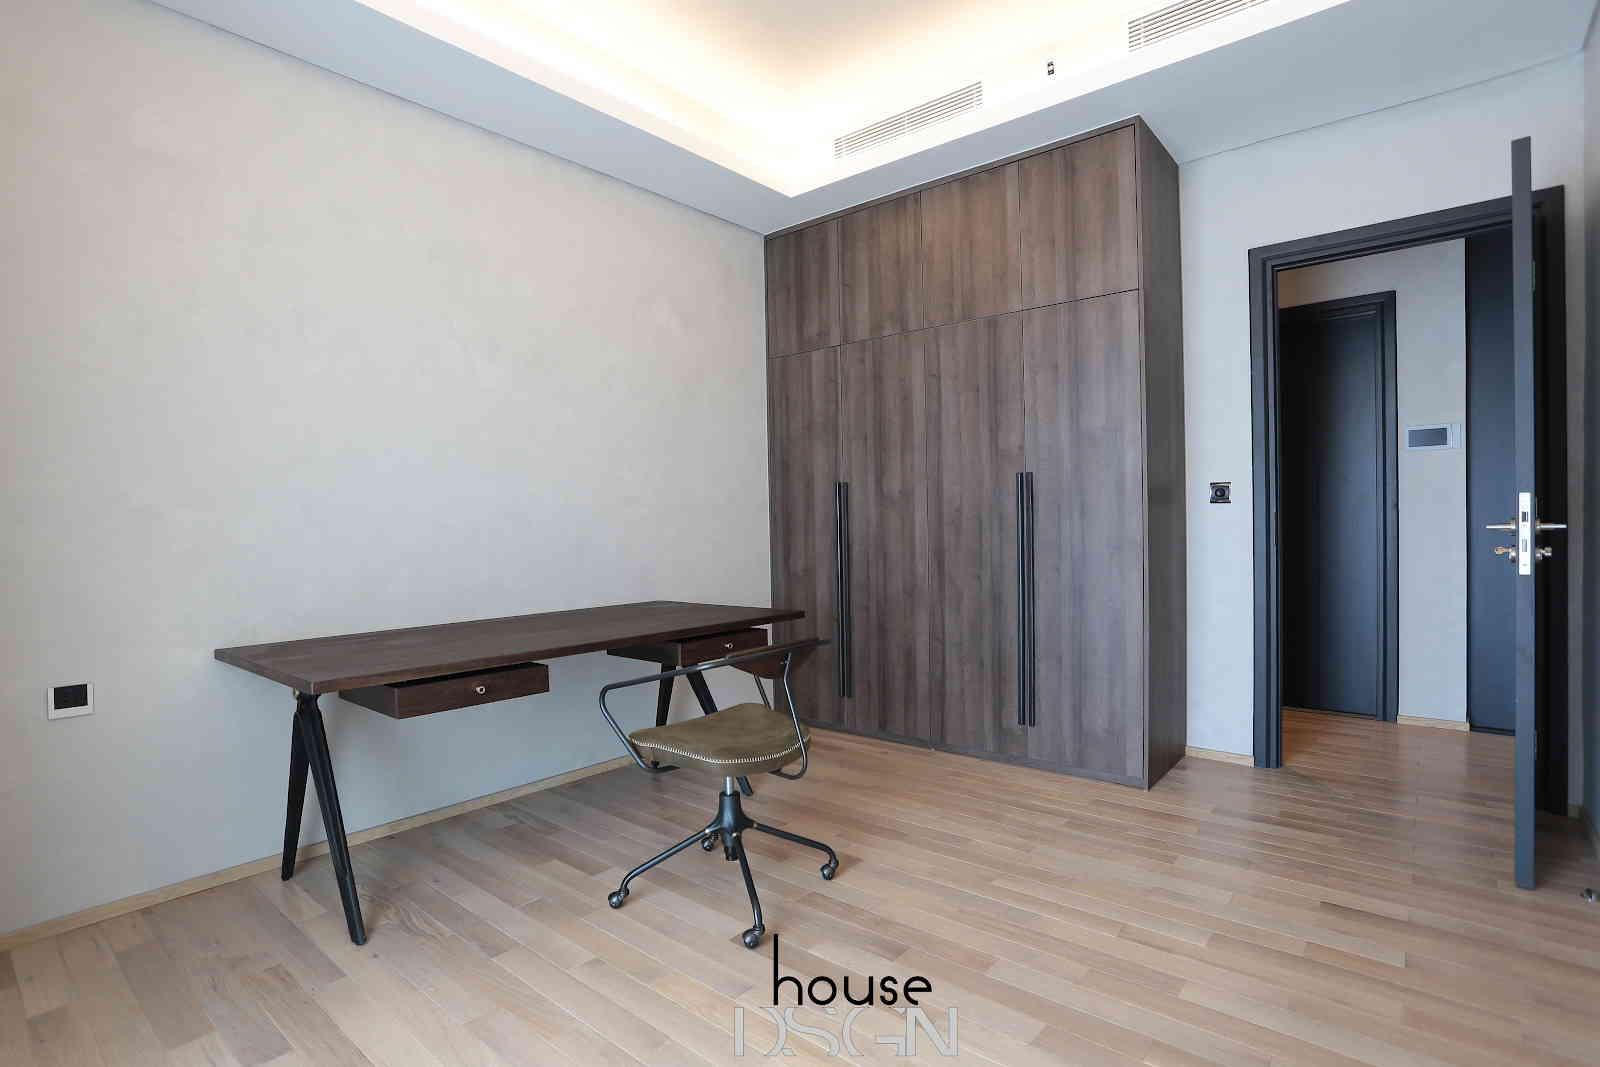 phòng khách thiết kế nội thất chung cư